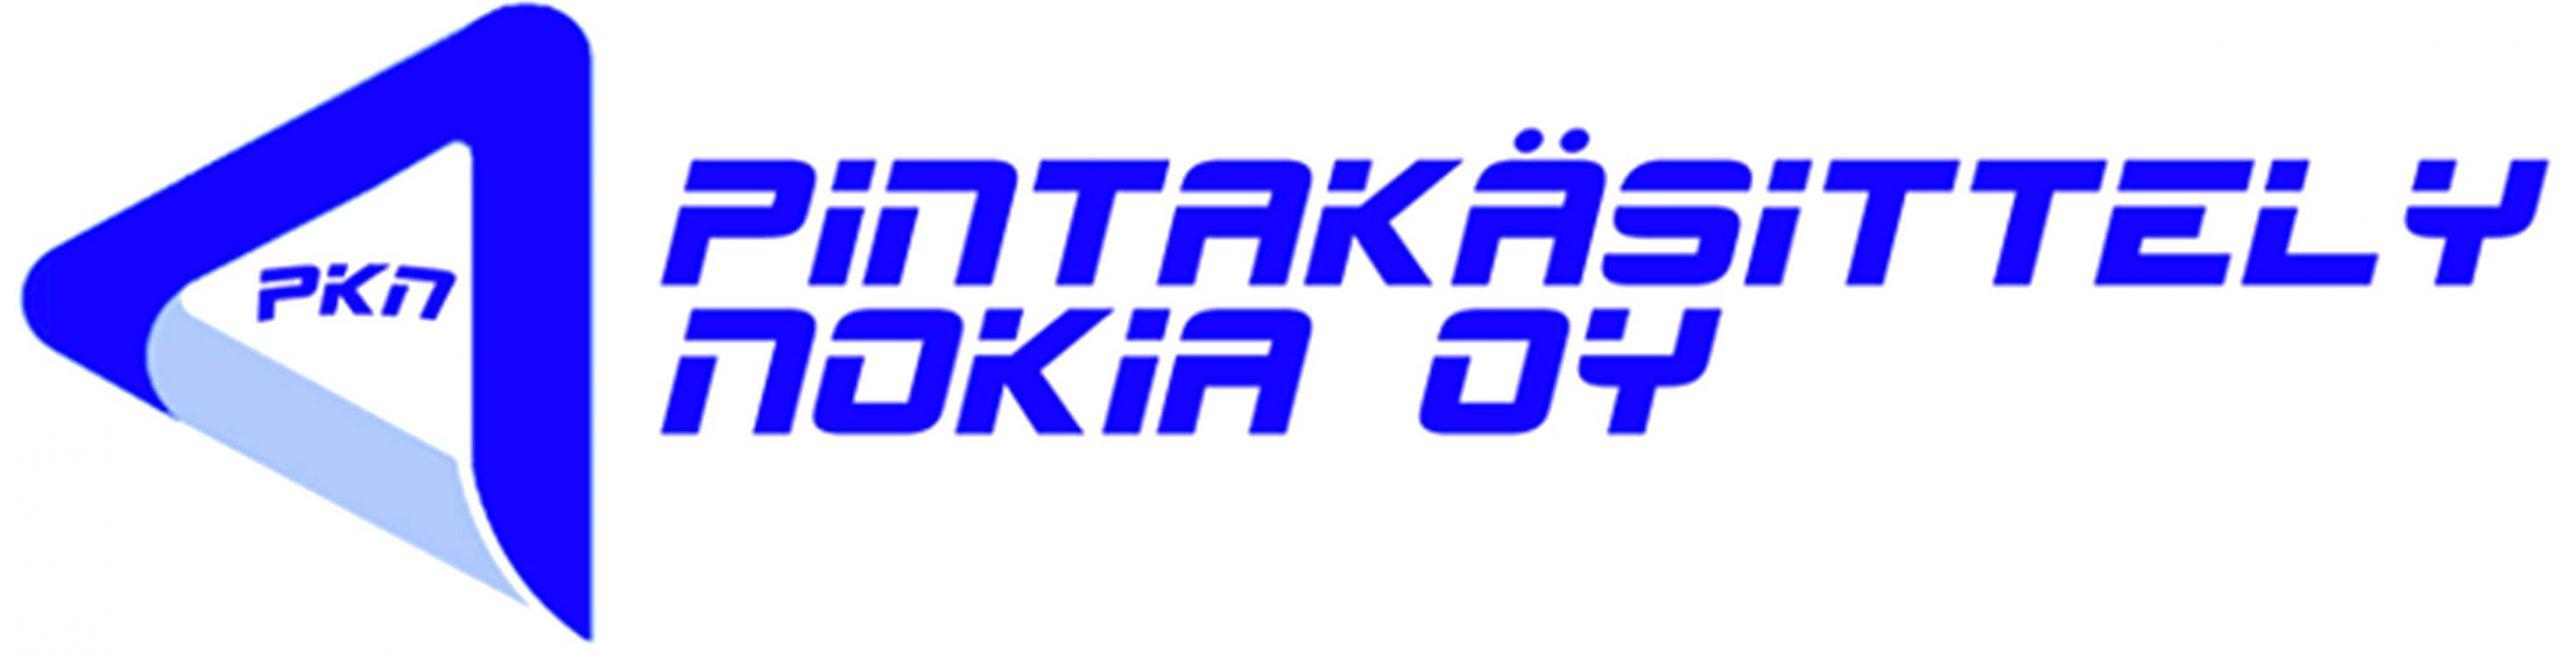 Pintakäsittely Nokia Oy